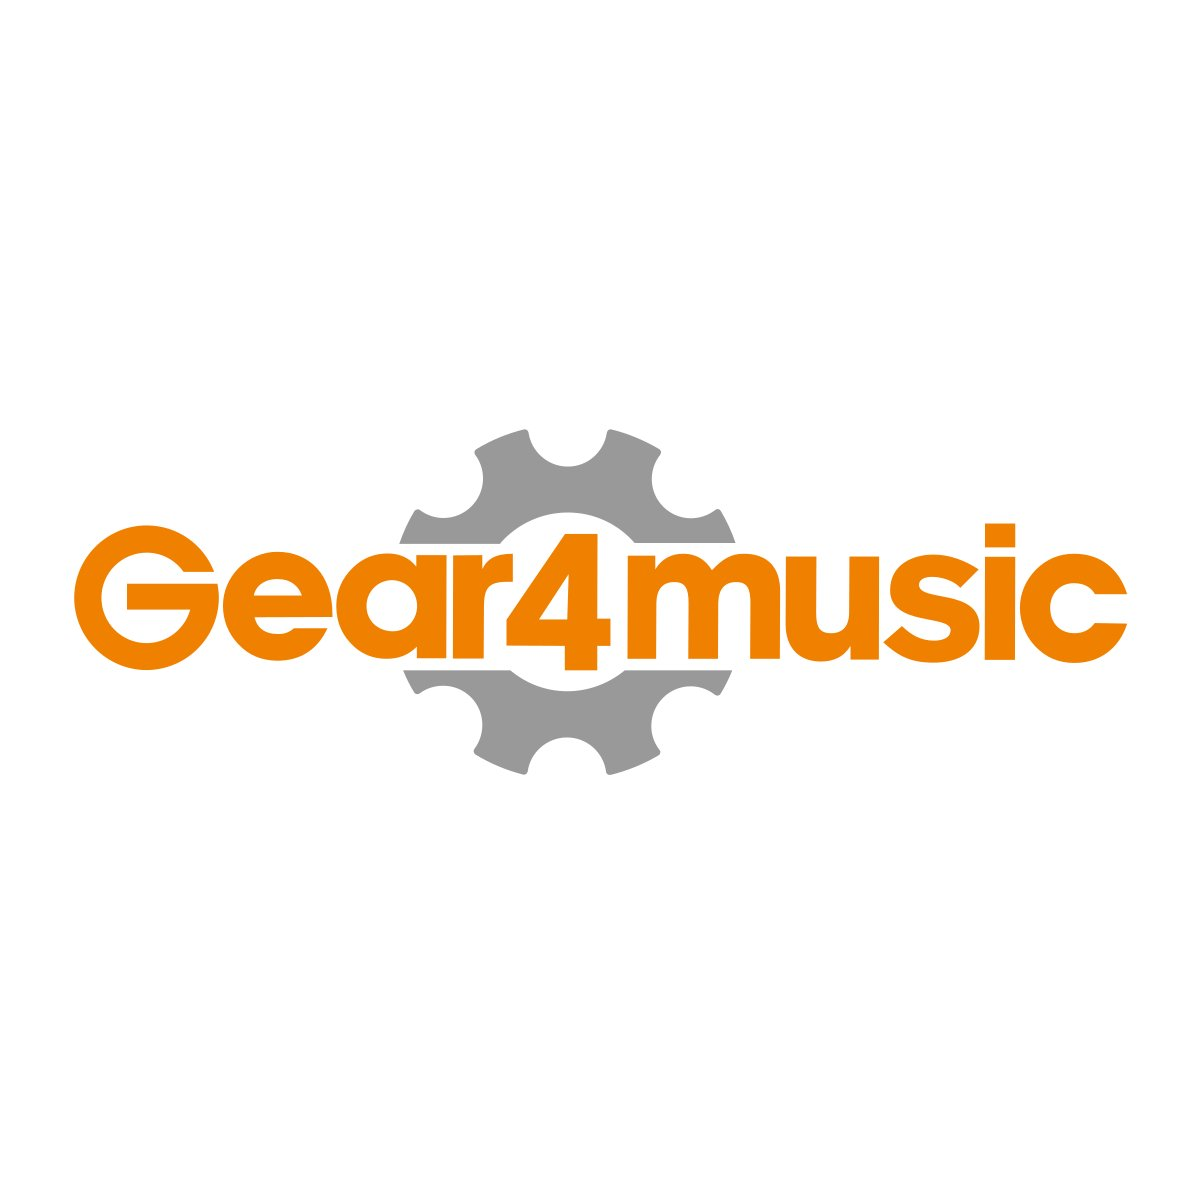 Guitarra clássica Deluxe Electro acústica  Gear4music + com Amplificador